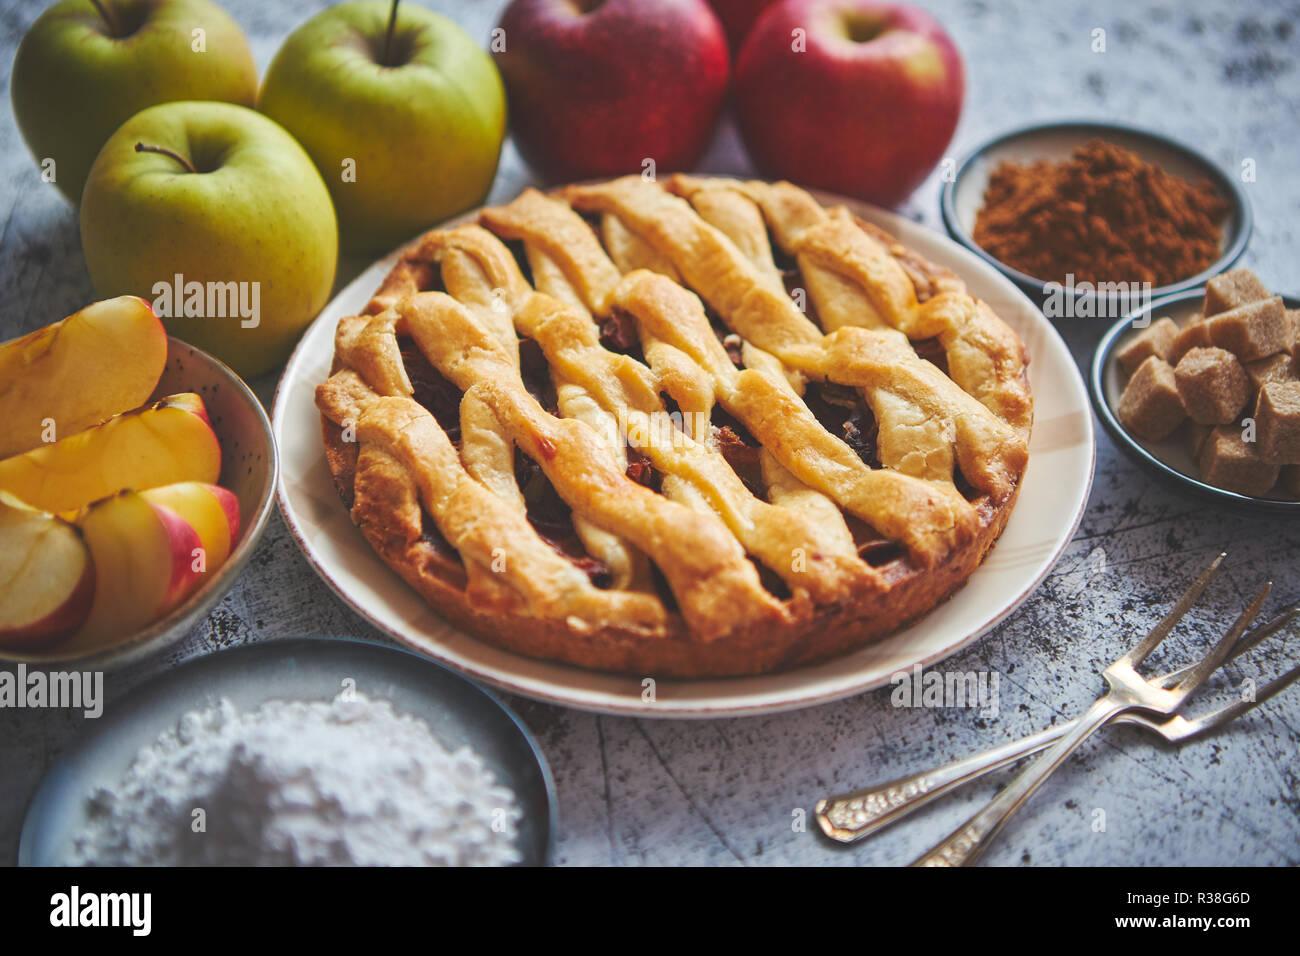 Gâteau Pommes au four traditionnel servi sur une plaque en céramique Photo Stock